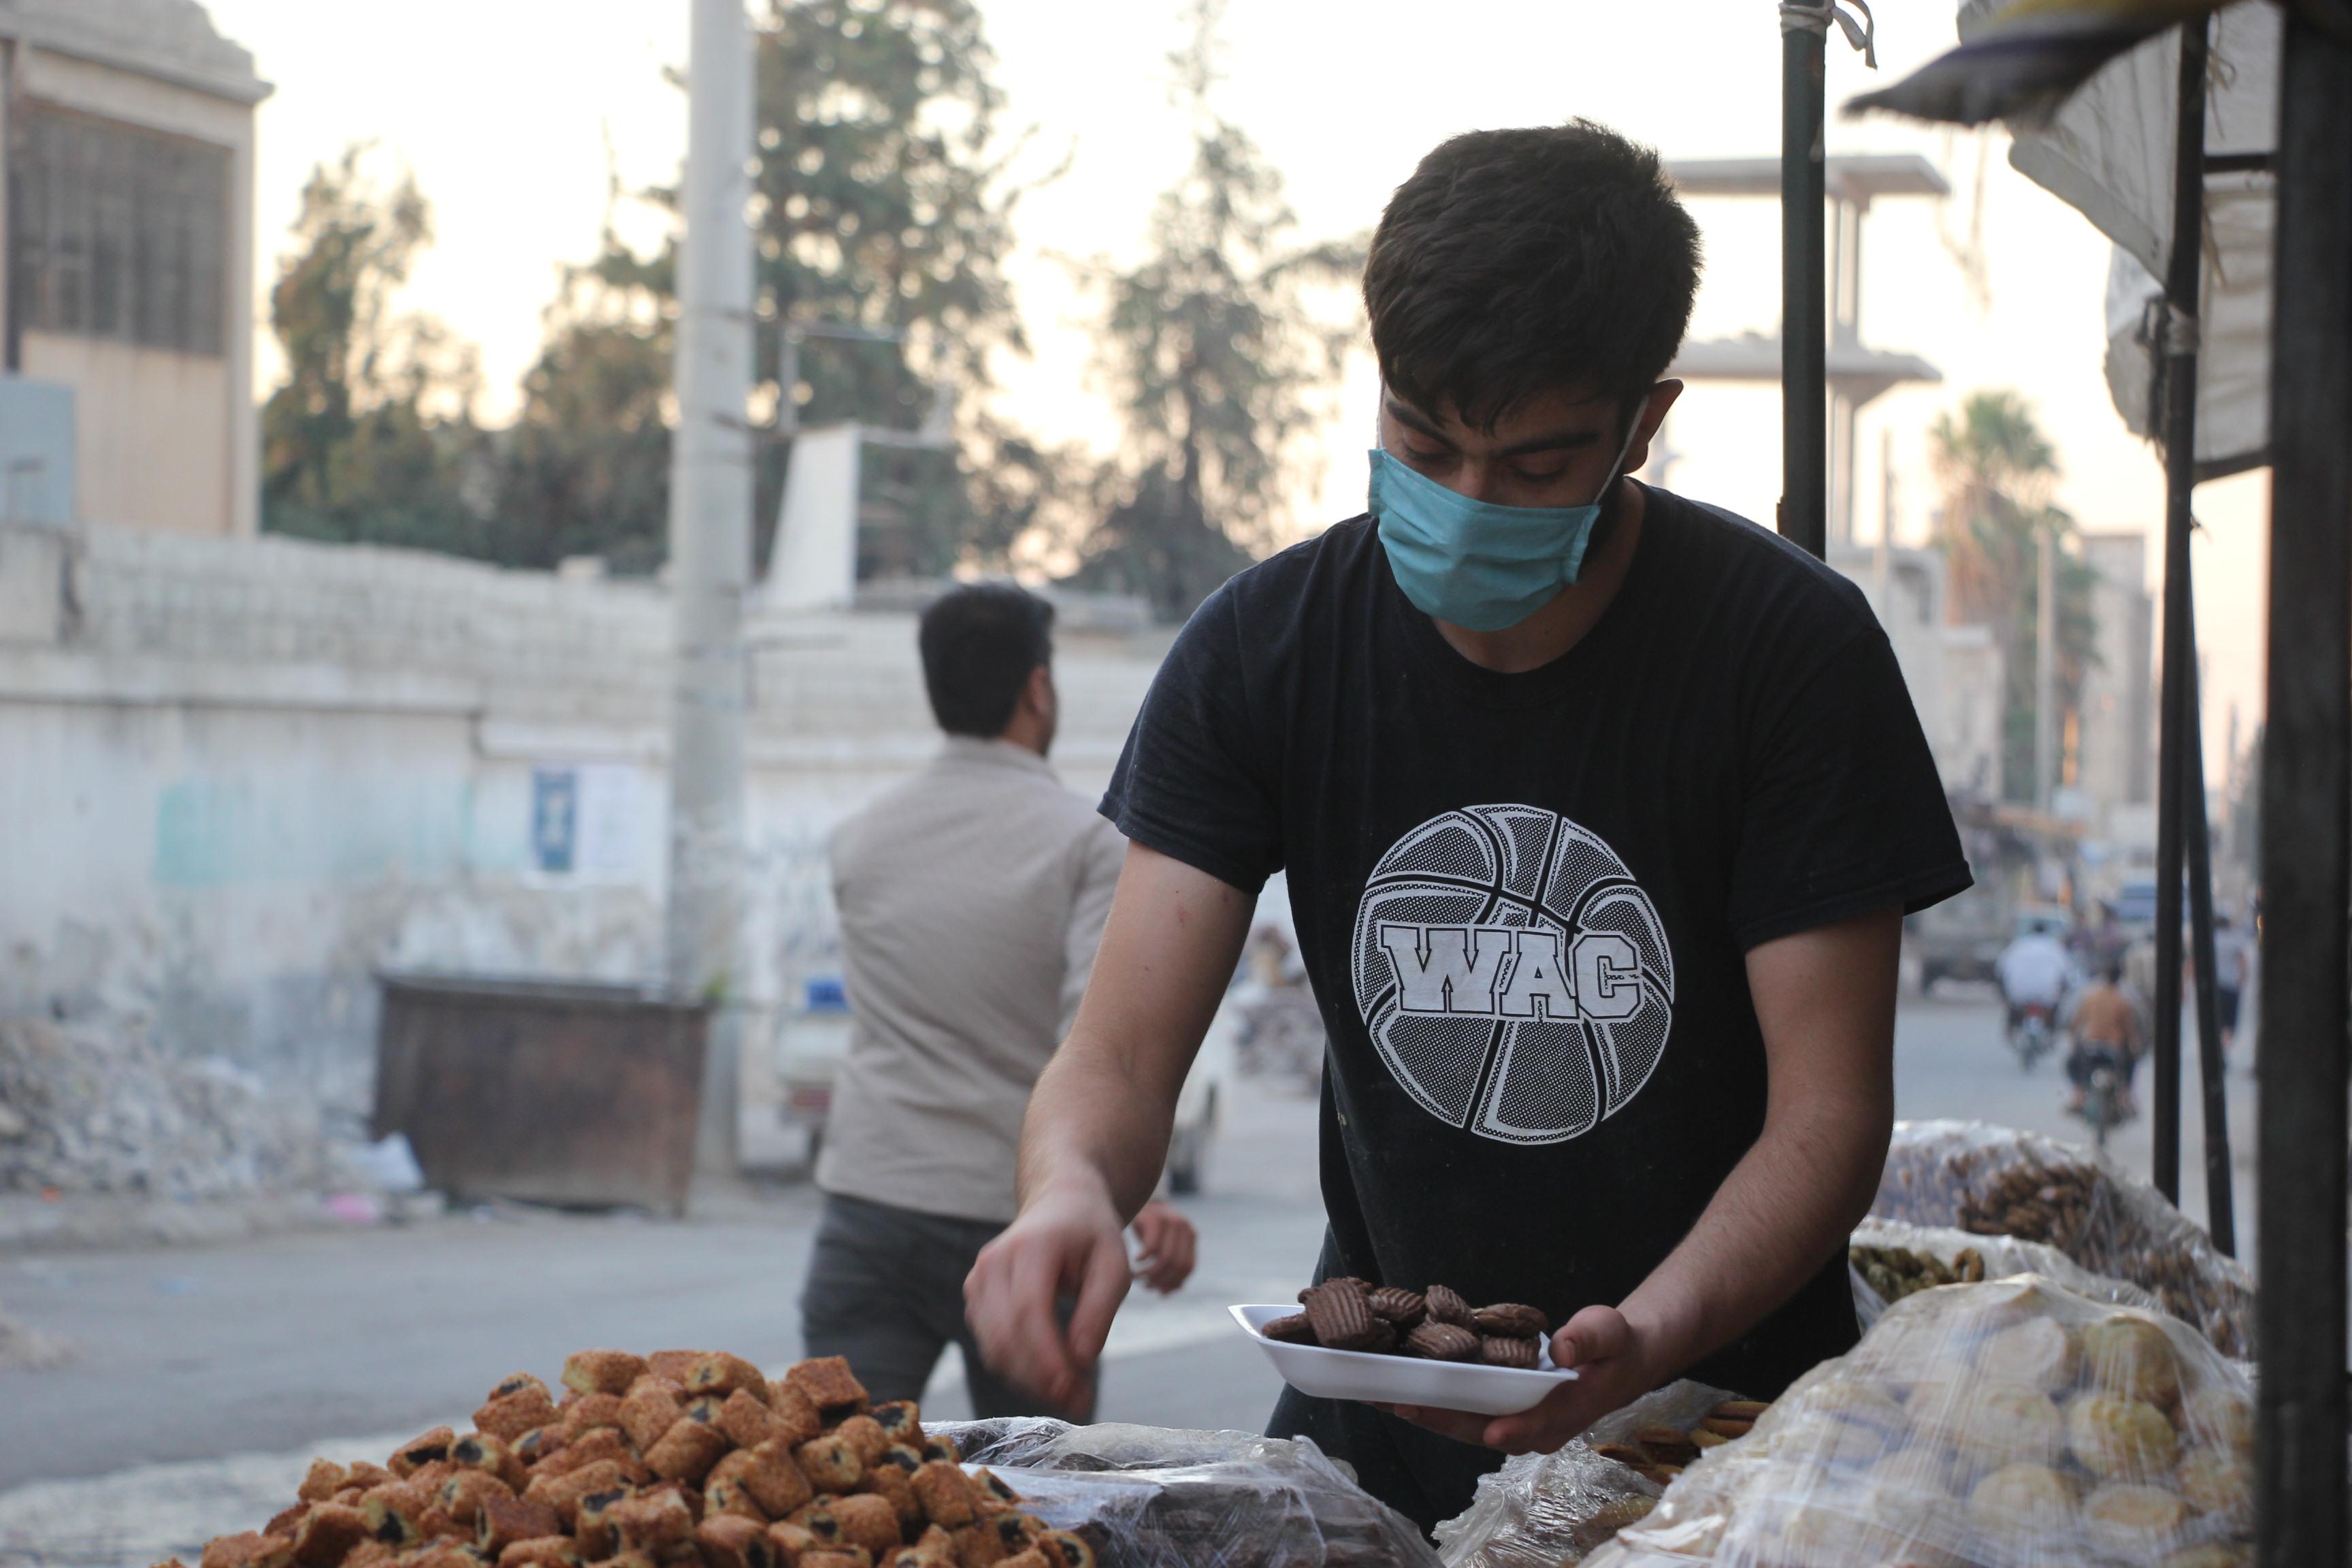 بائع معجنات وحلويات داخل مدينة سرمين المحجورة صحياً -فوكس حلب